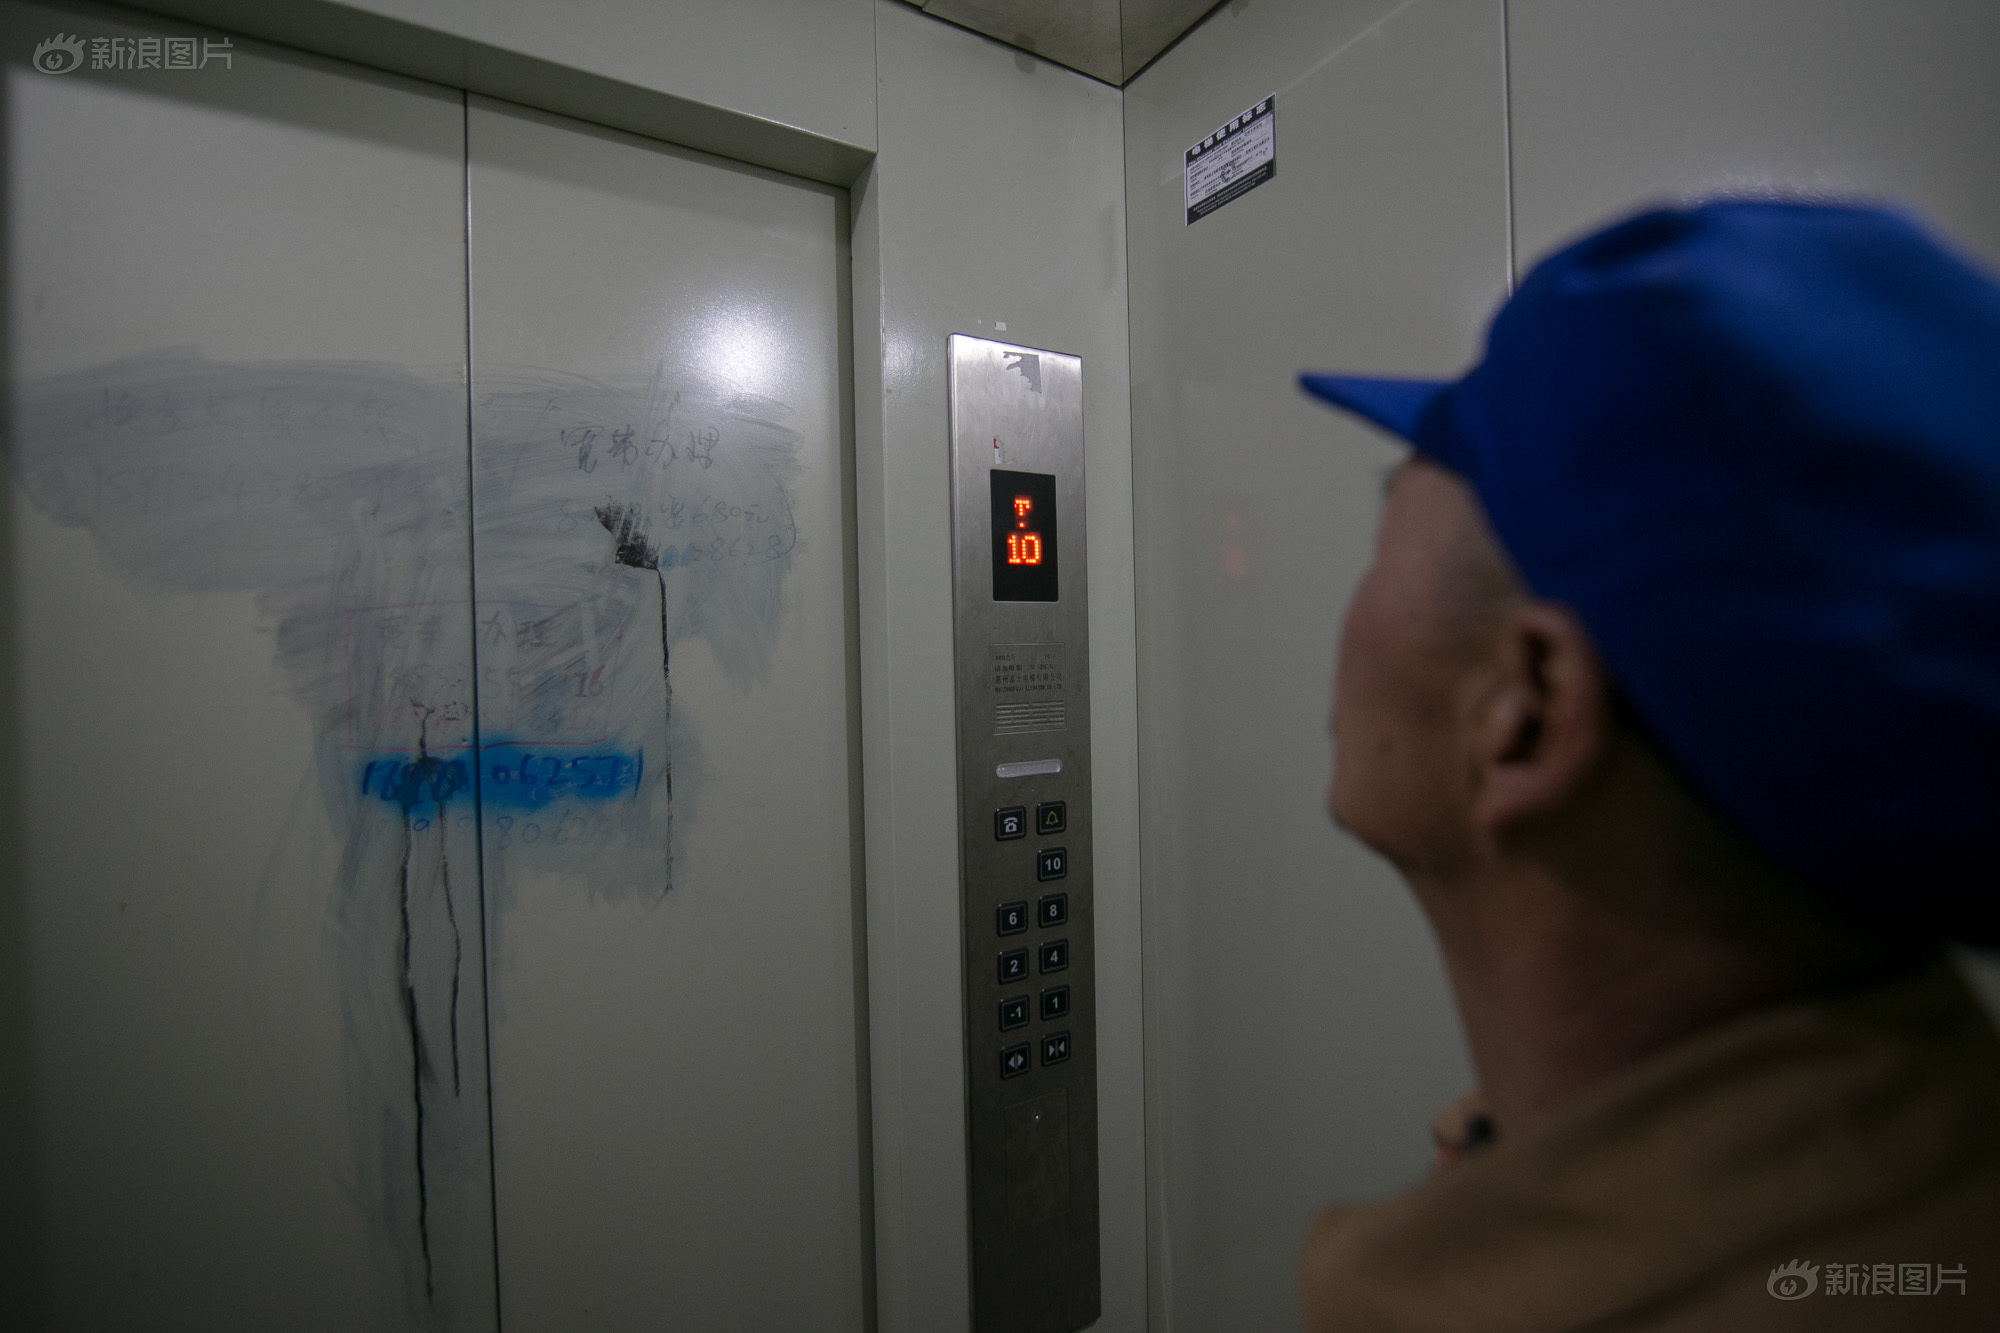 冯先生刚搬进新家的时候,连电梯都不会用,花了很长时间才适应。冯先生说,虽然以前农村房子比较少,但大家容易聚在一起。现在房子大了,却有种疏离和空虚感。以前出门就能见到村民和邻居,现在出门,看到的是电梯。